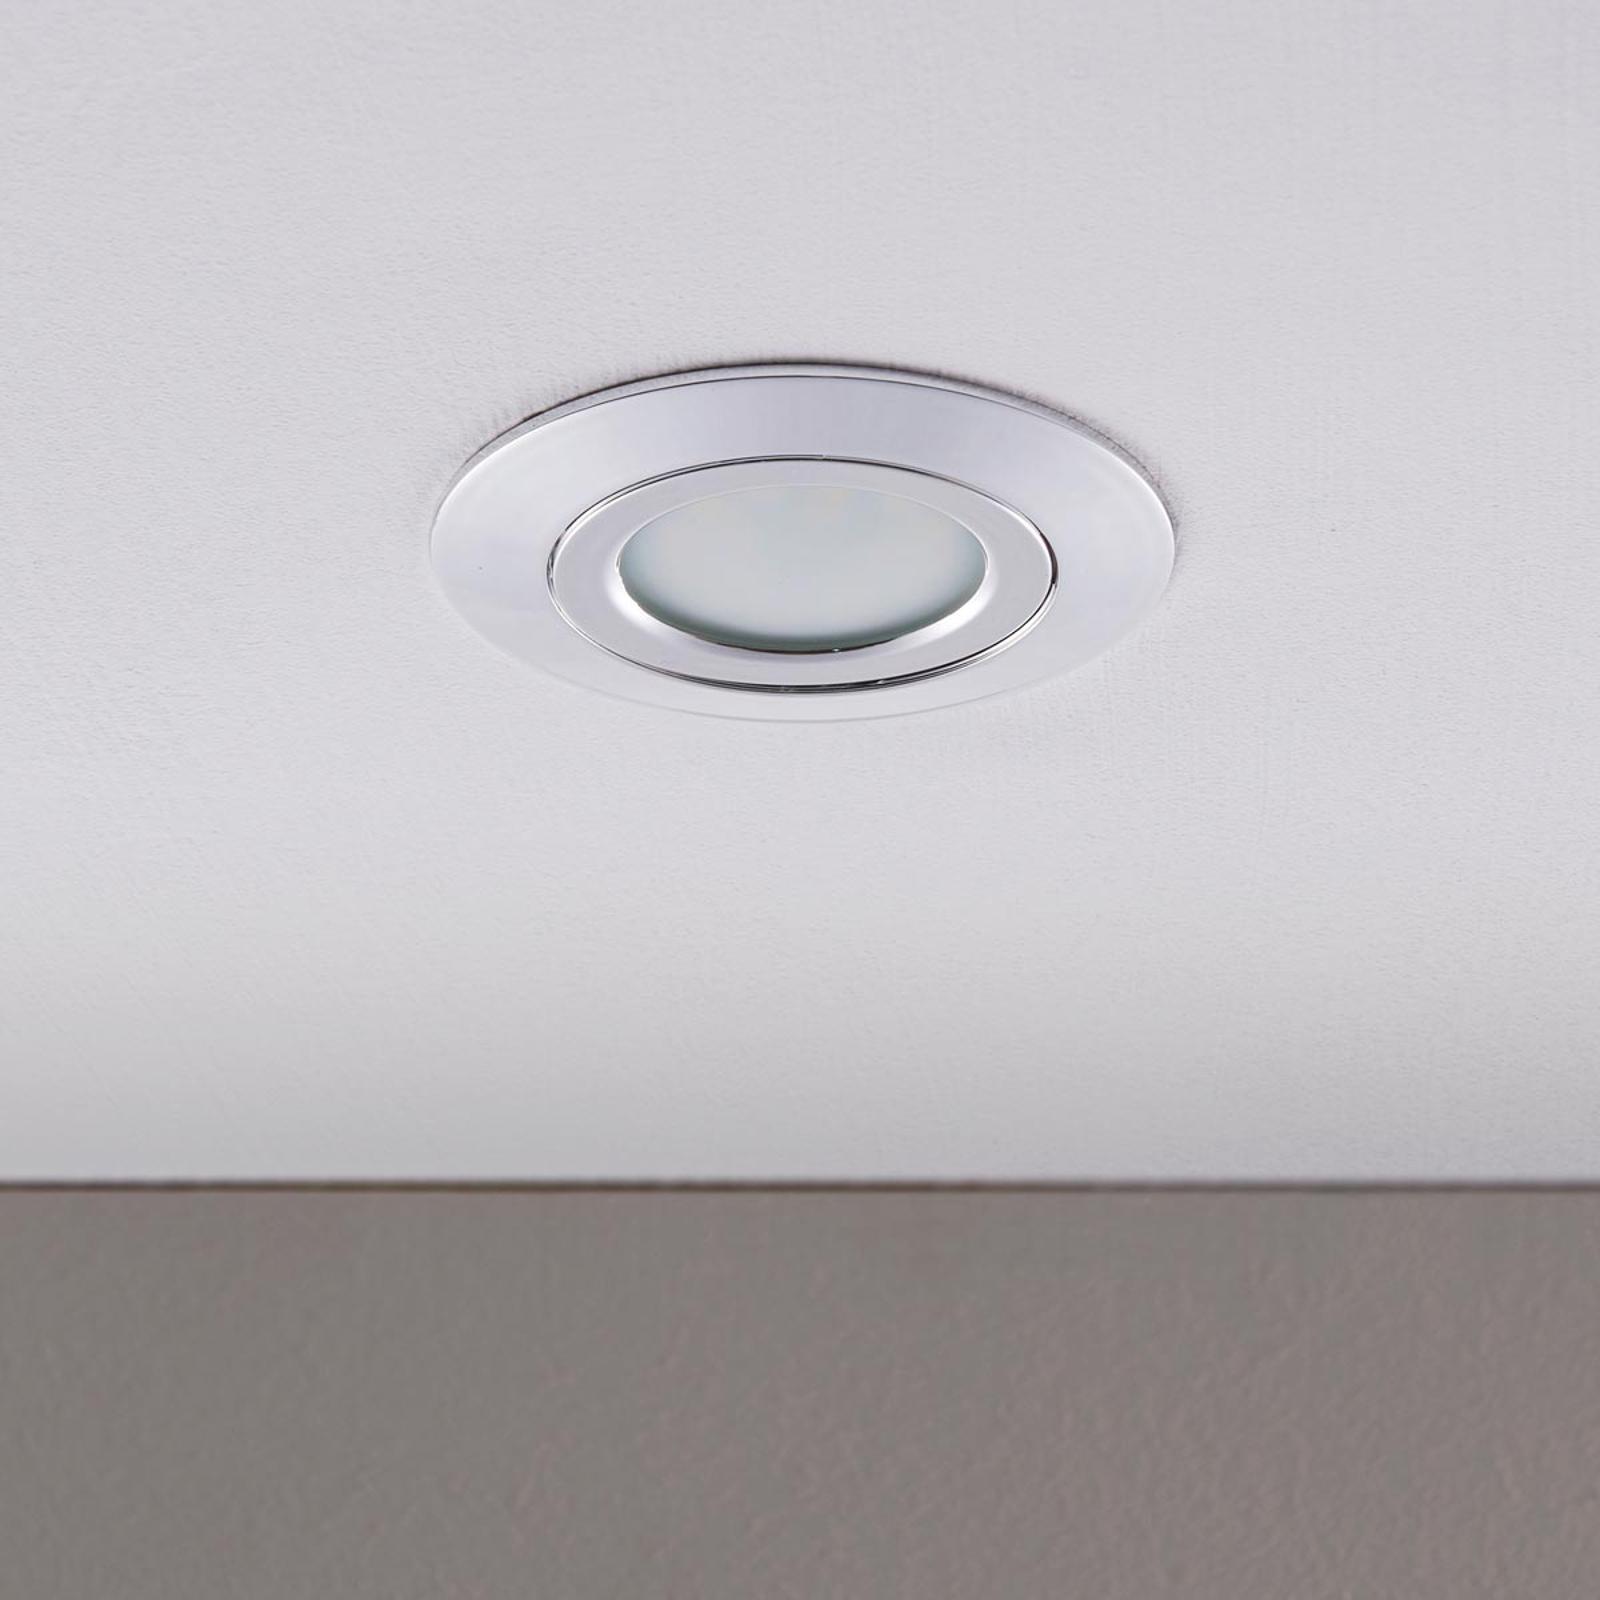 LED downlight Andrej, round, chrome_9620845_1